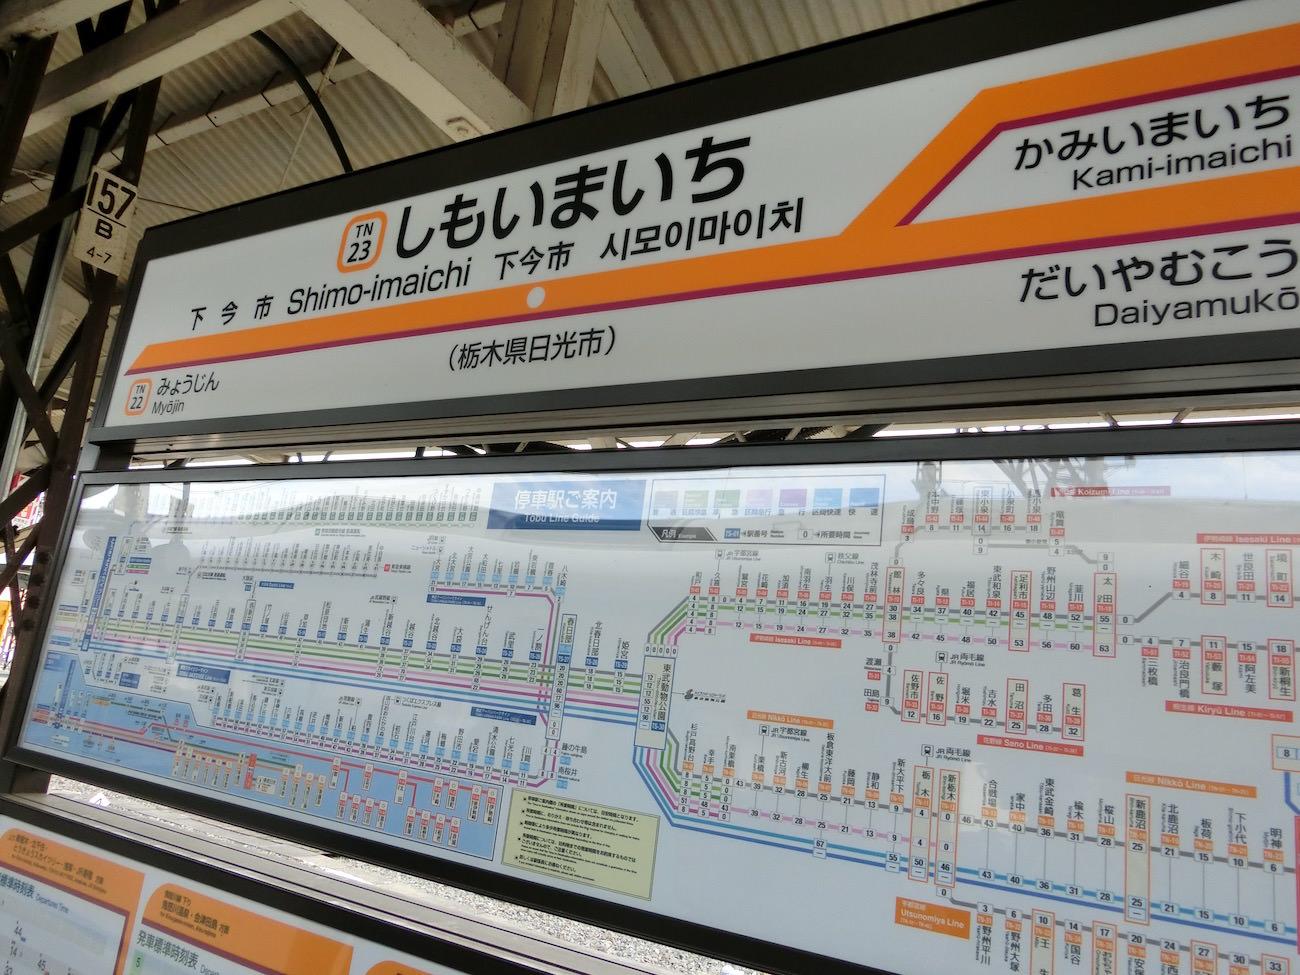 Train map at Shimoimaichi station platform